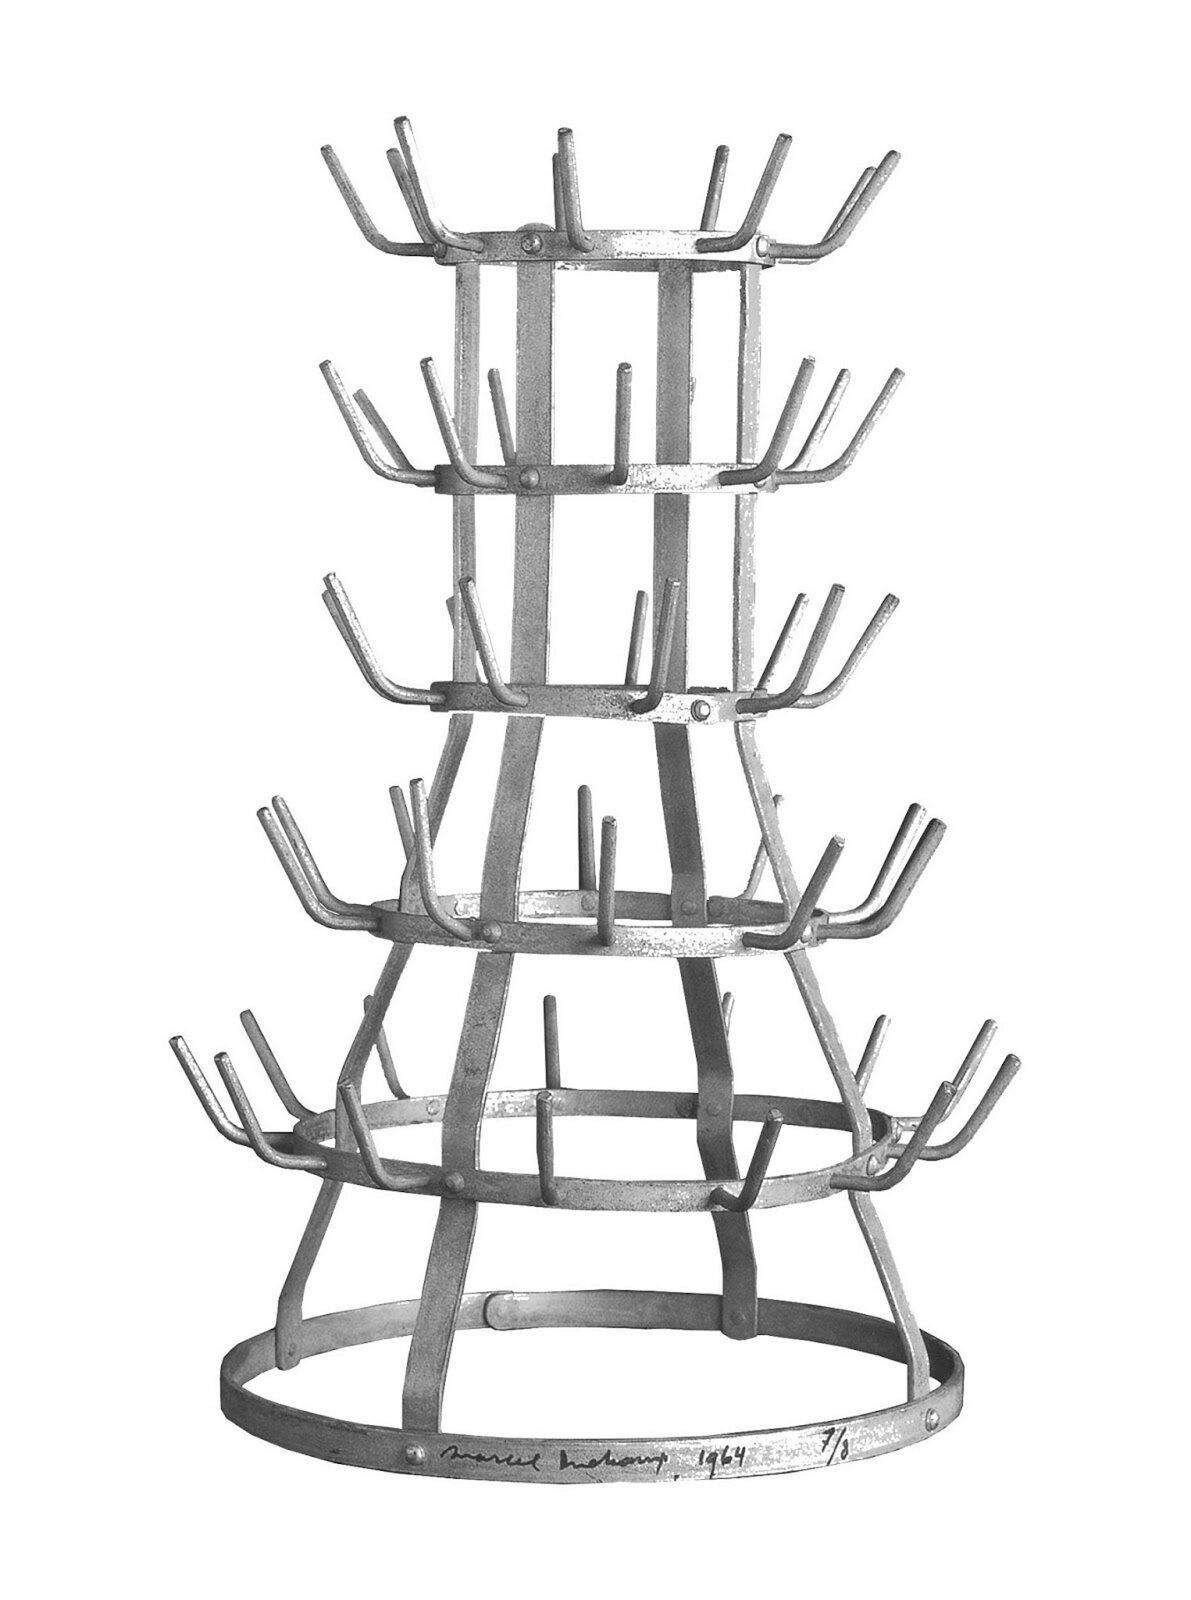 """Ilustracja przedstawia konstrukcję """"Suszarkę do butelek"""" autorstwa Marcela Duchampa. Jest to metalowa konstrukcja składająca się zsześciu okręgów oróżnej wielkości połączonych ze sobą. Okręgi układają się poziomo. Na spodzie jest największy okrąg, akolejne są coraz mniejsze. Koła połączone są czterema wygiętymi, metalowymi listwami stojącymi wpionie. Zokręgów, za wyjątkiem pierwszego wystają metalowe pręty, które przypominają wieszaczki. Są umiejscowione wodstępach dookoła okręgu."""